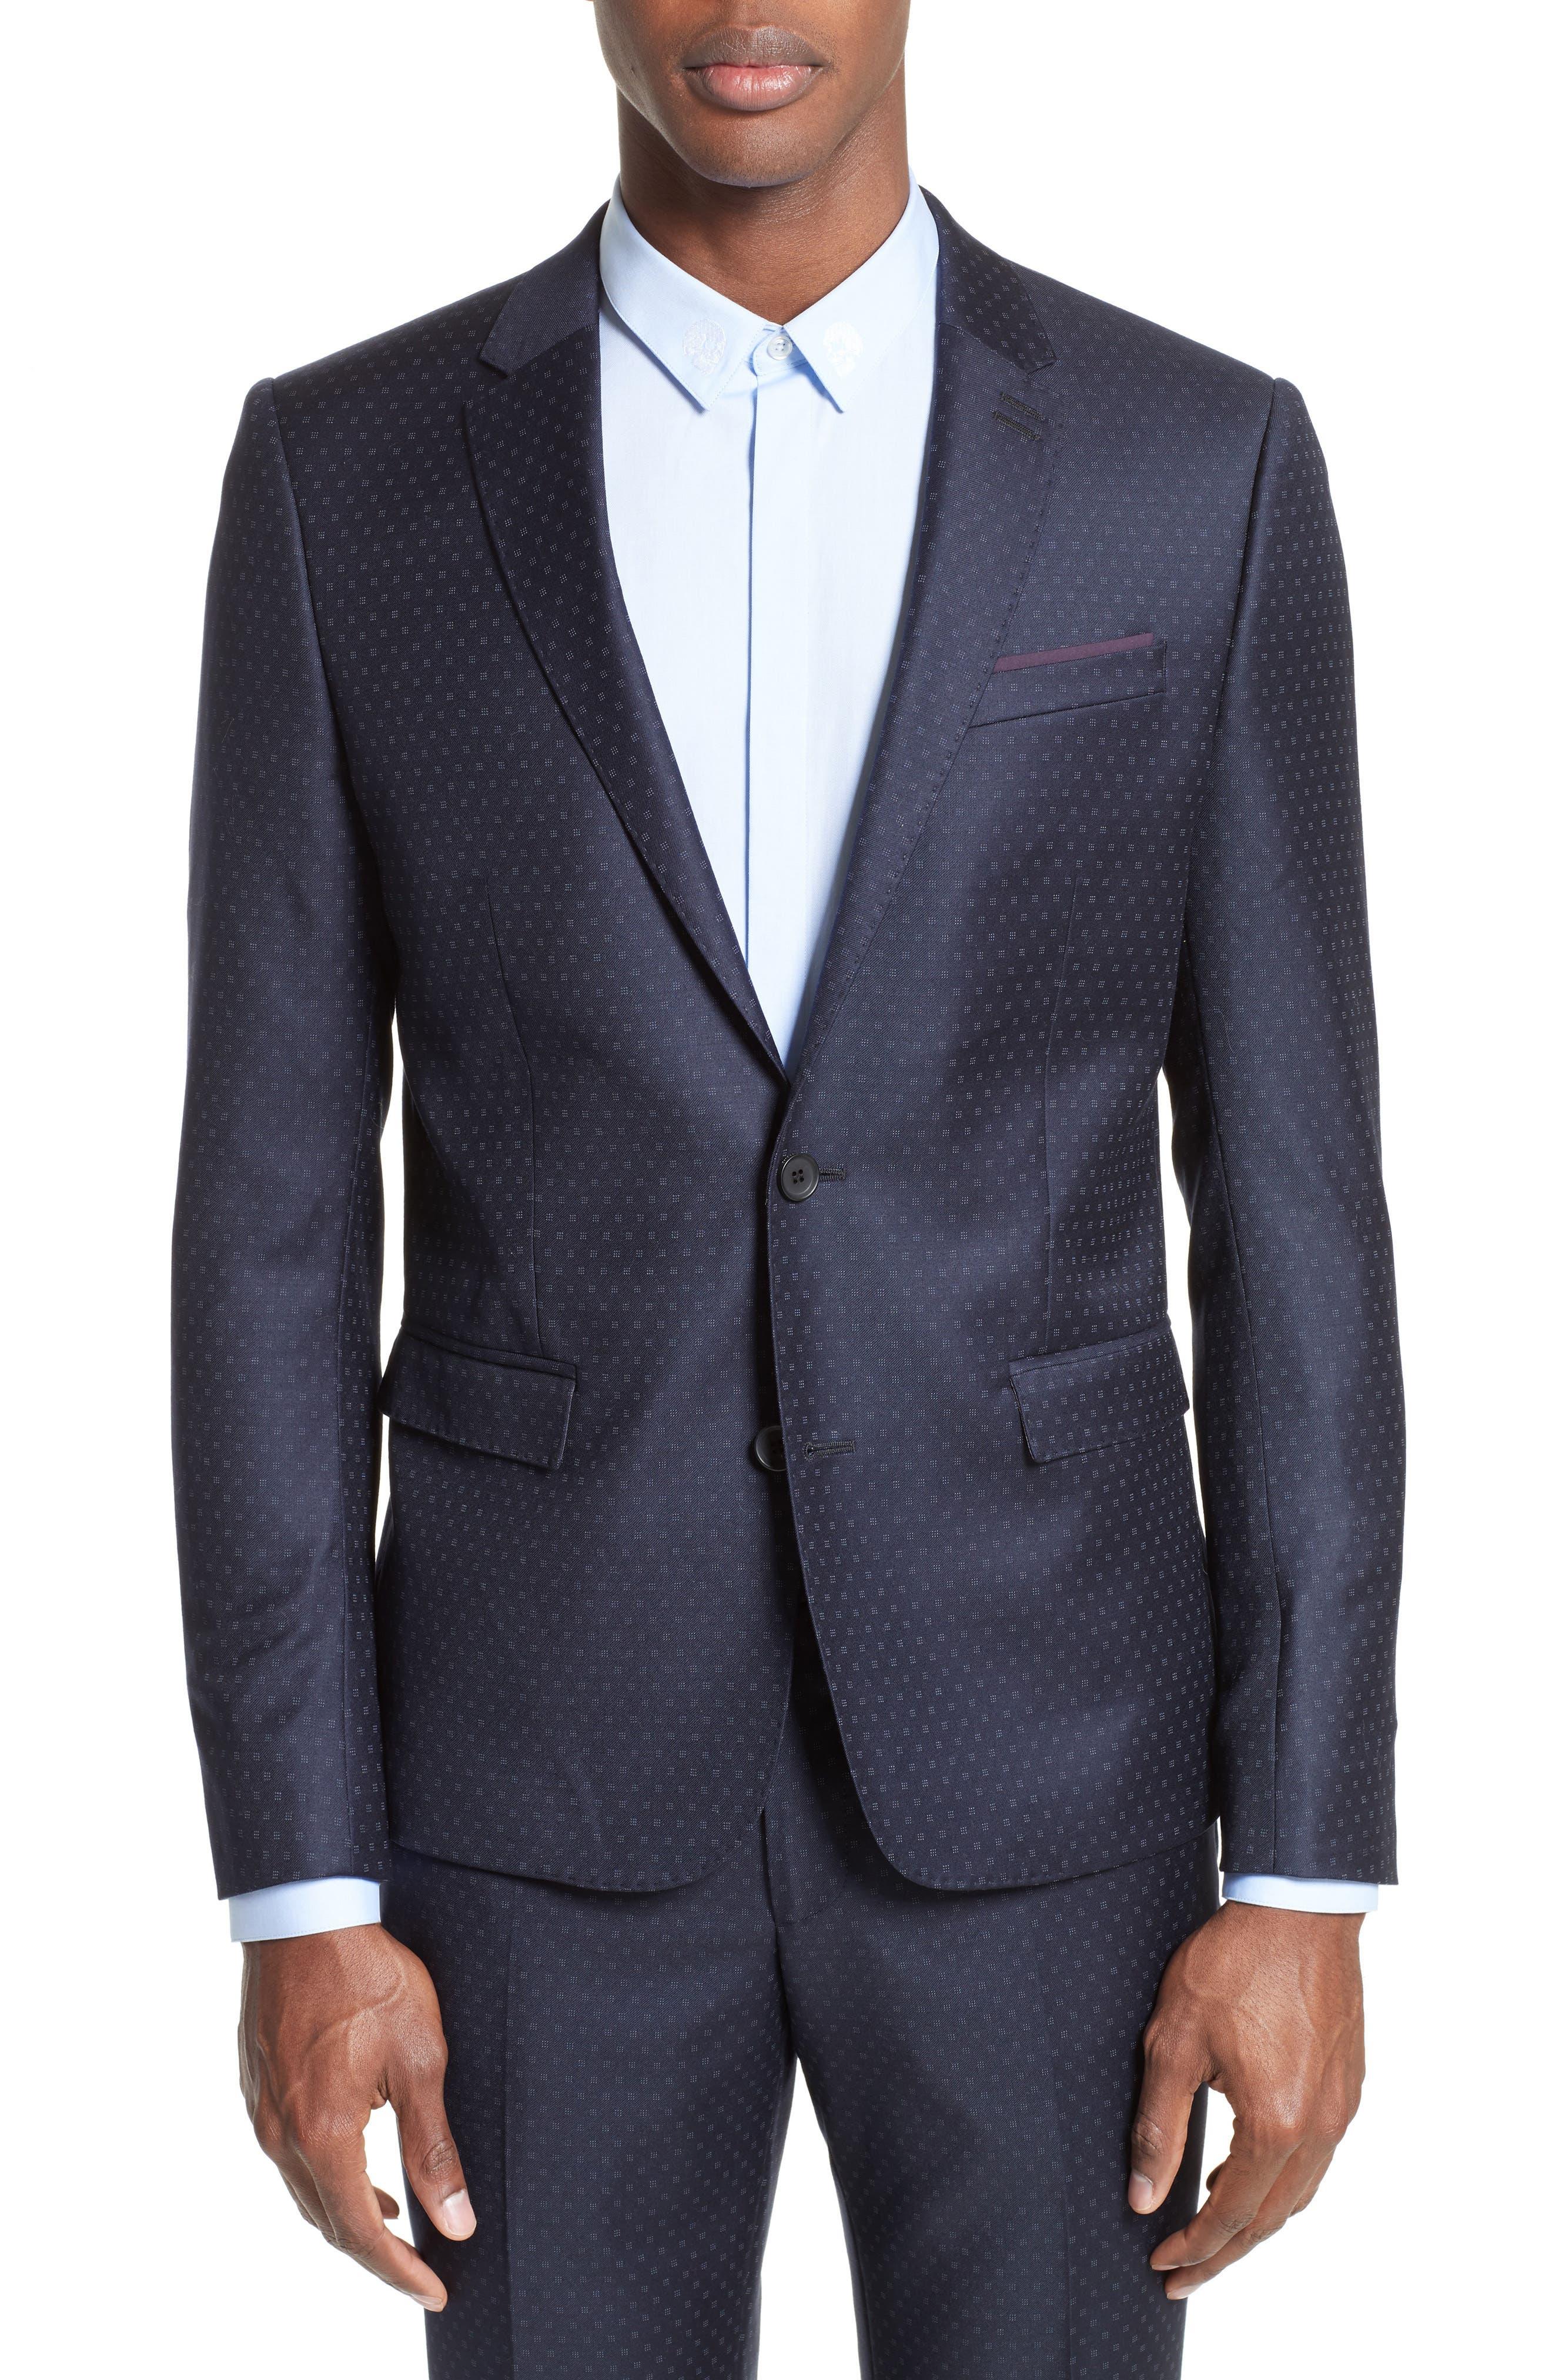 The Kooples Print Wool Suit Jacket